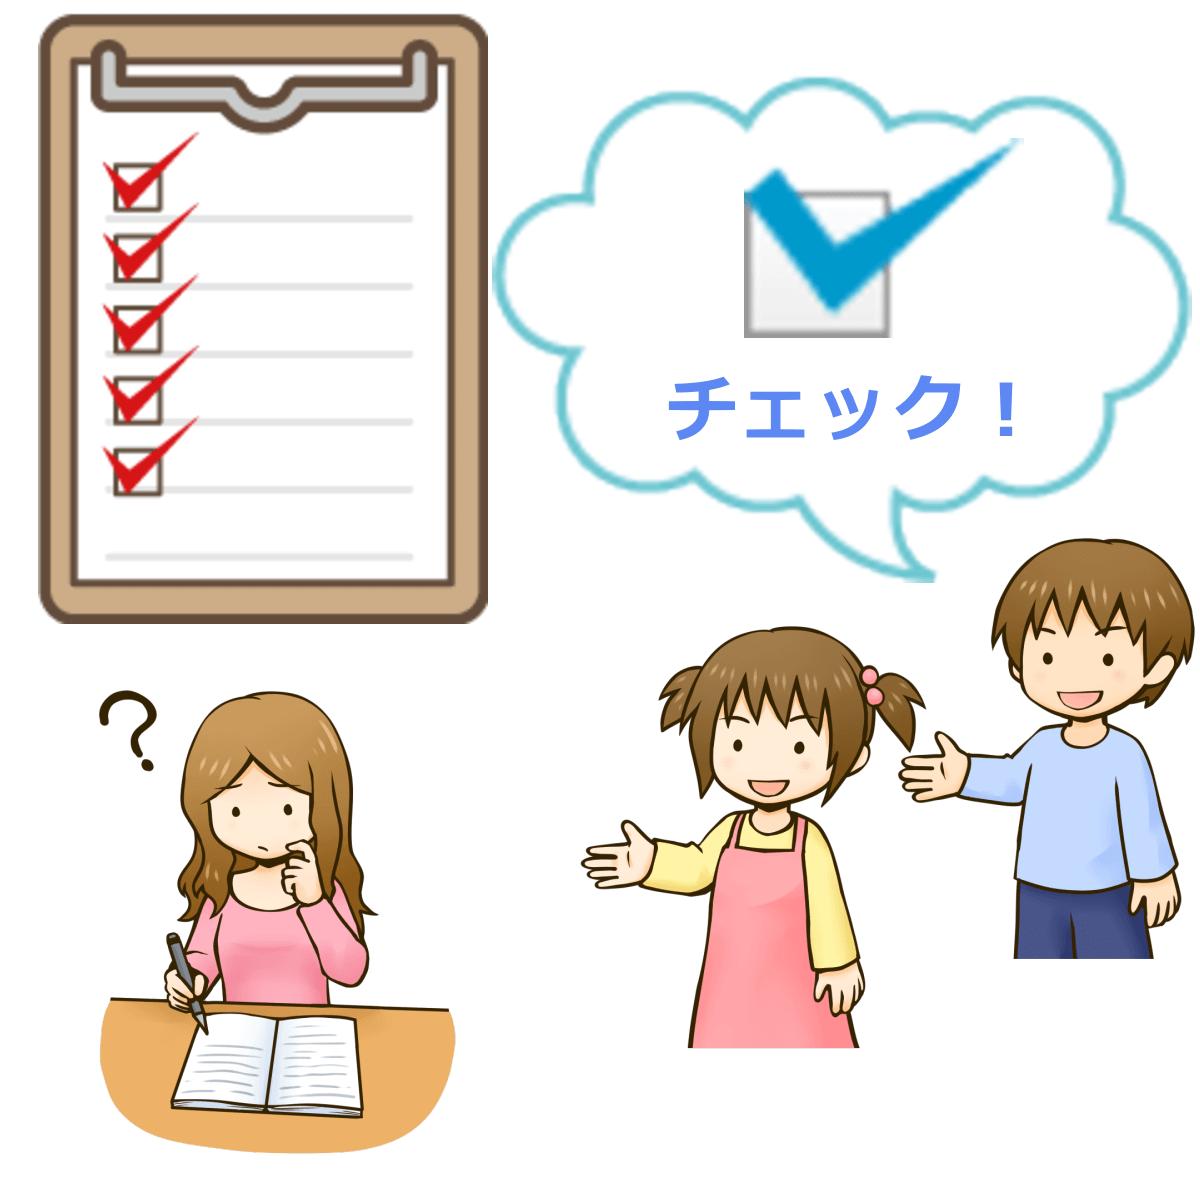 アダルトチルドレン(ac)チェックリストの手順を説明しているイラスト